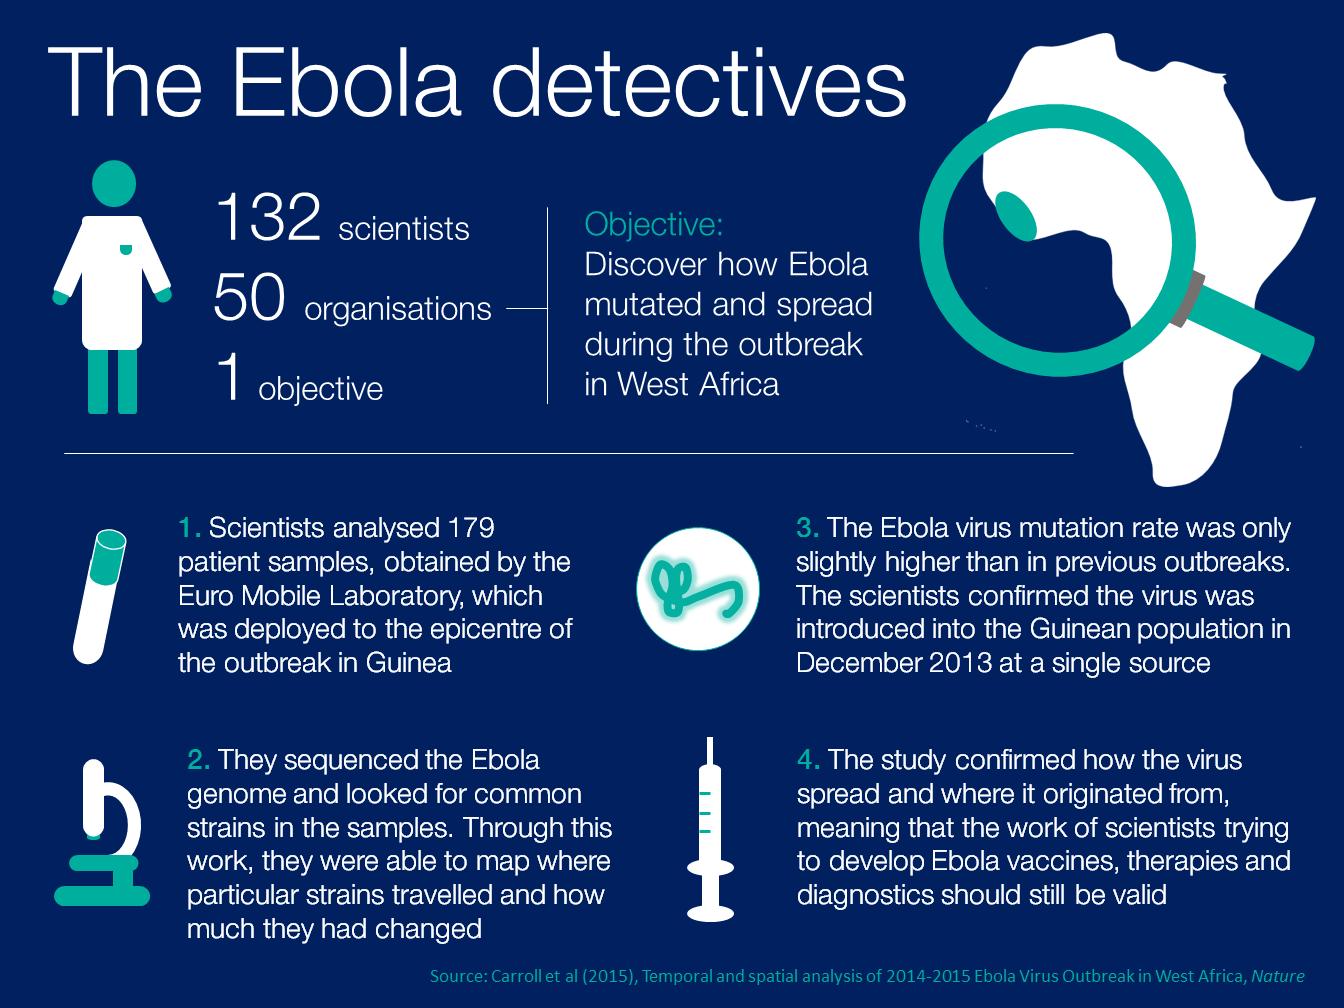 ebola detectives